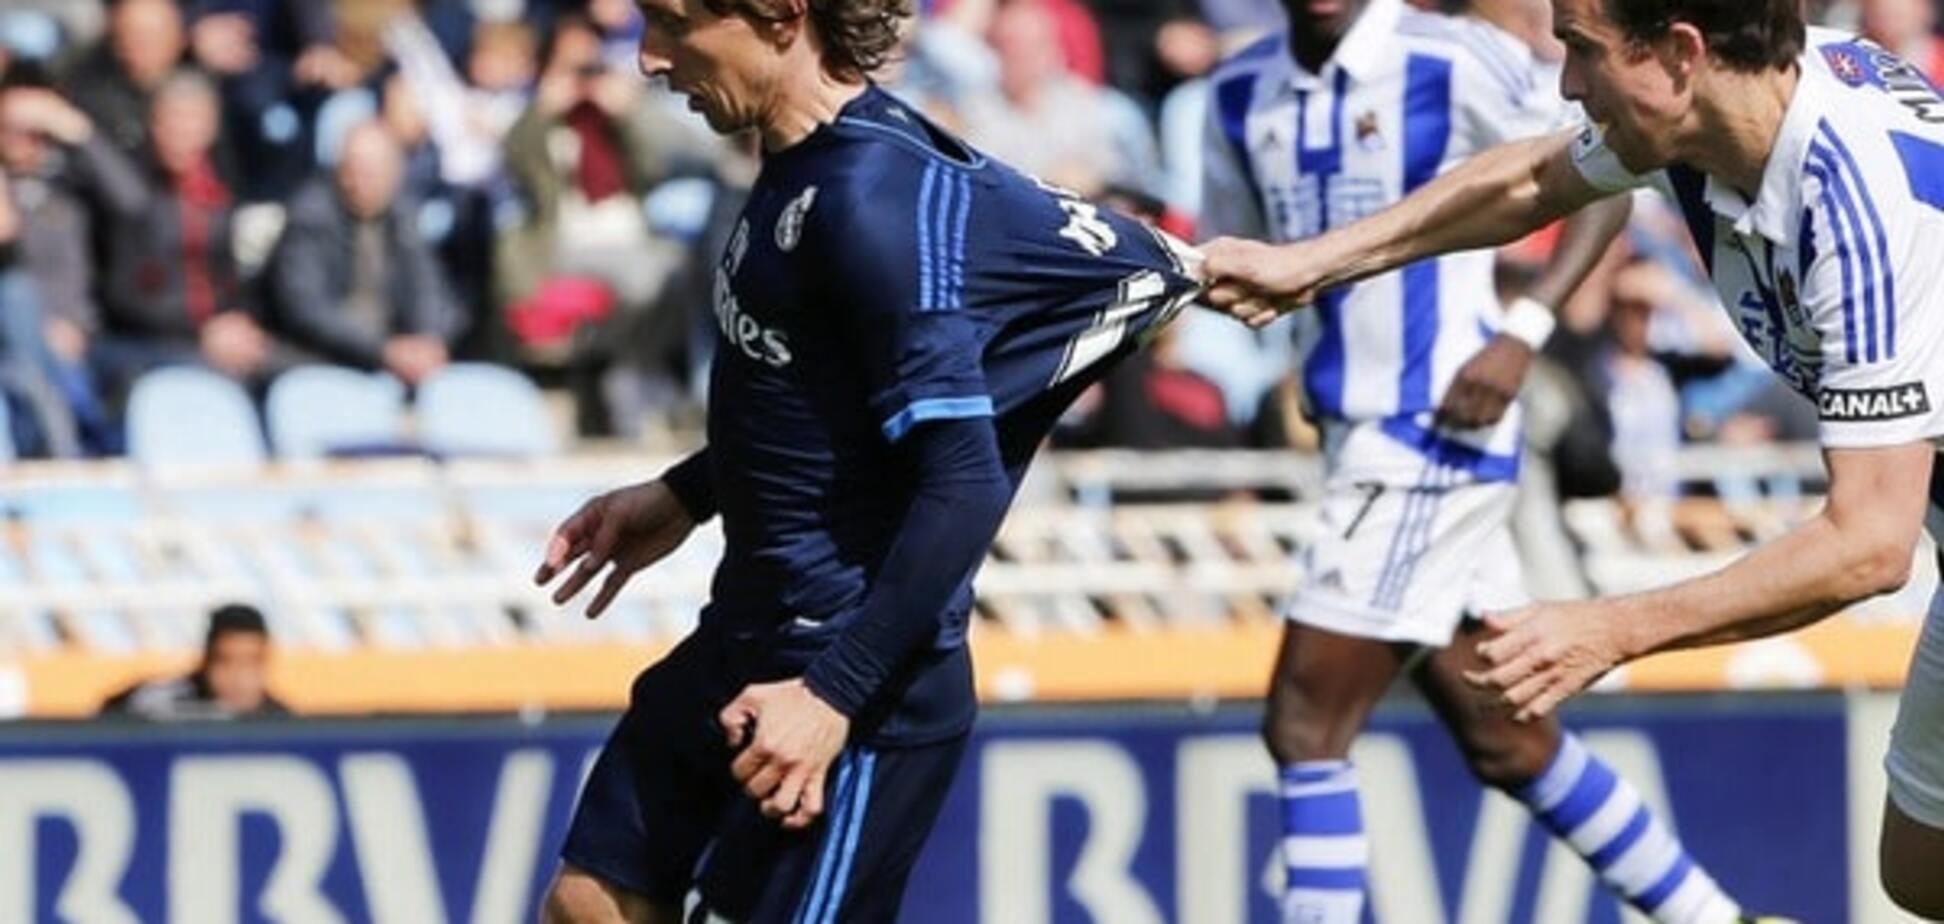 'Реал' здобув складну перемогу і обійшов 'Барселону' в чемпіонаті Іспанії